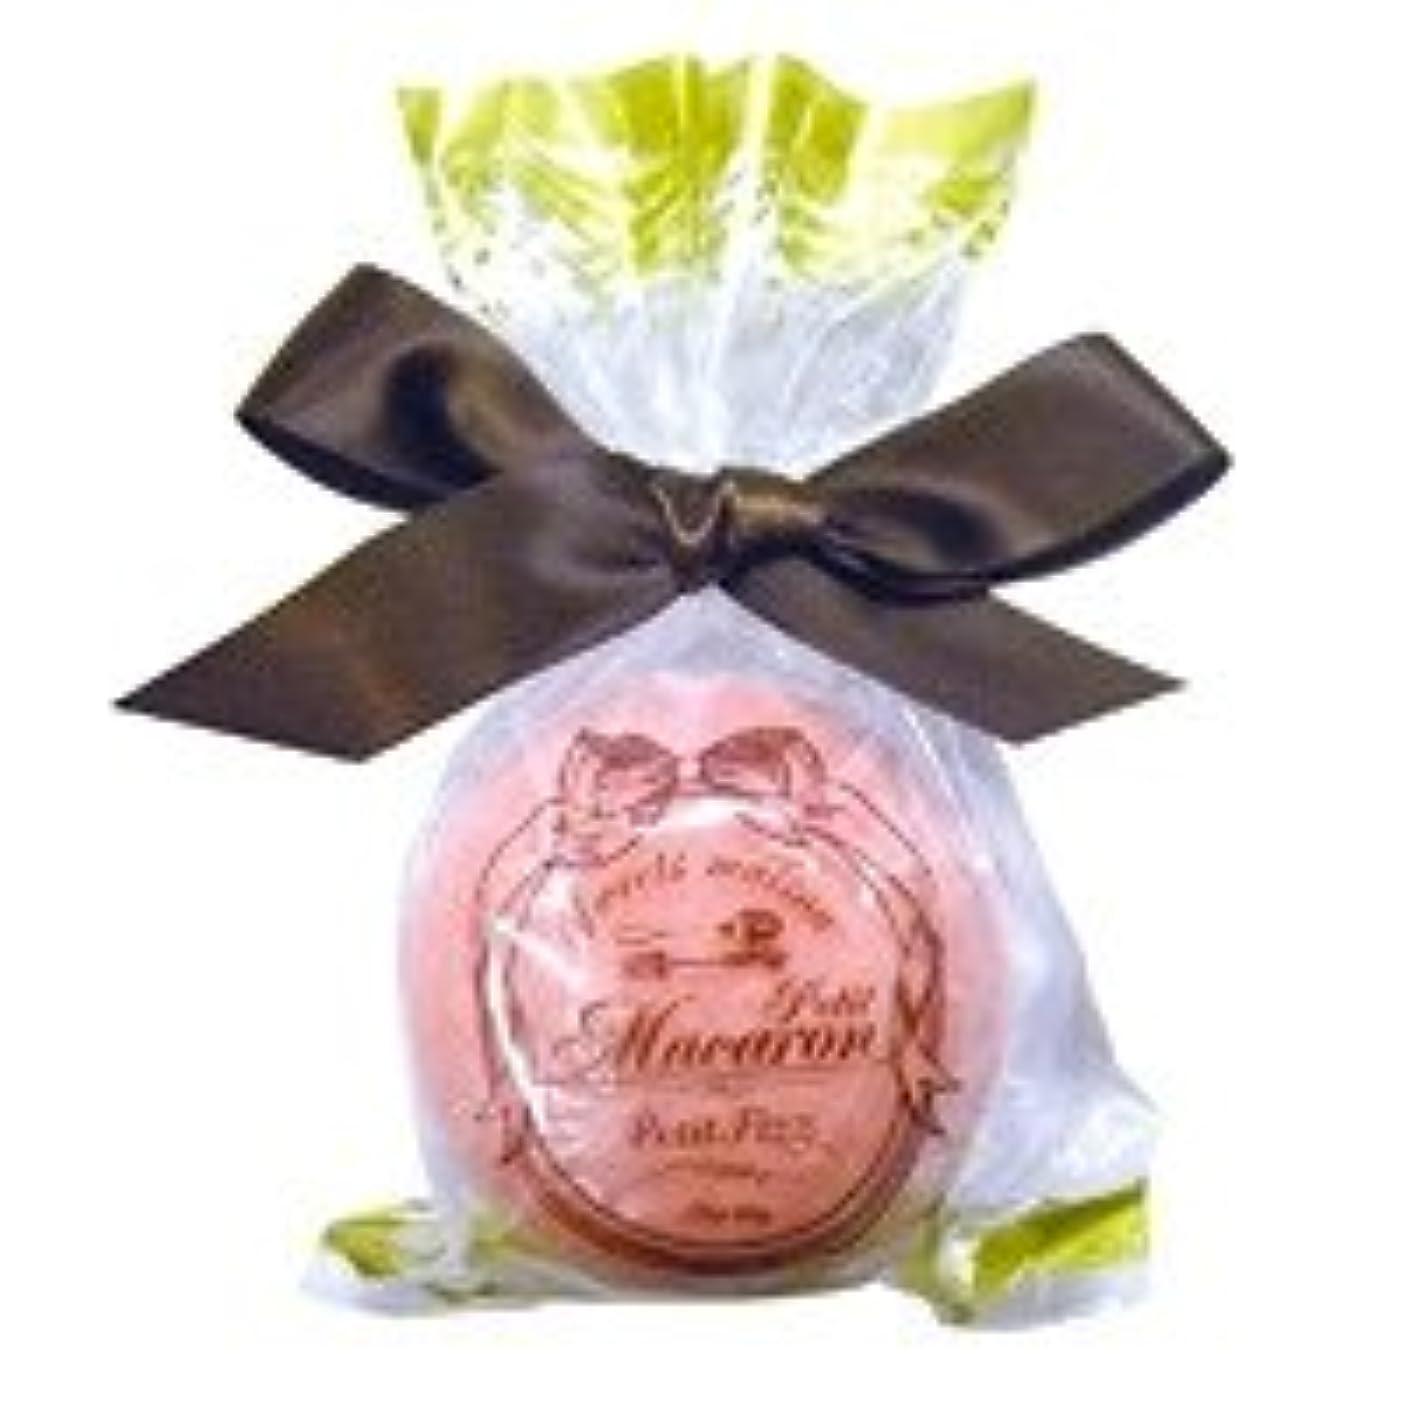 穀物アジア人マージスウィーツメゾン プチマカロンフィズ「ダークピンク」12個セット 華やかなローズの香り